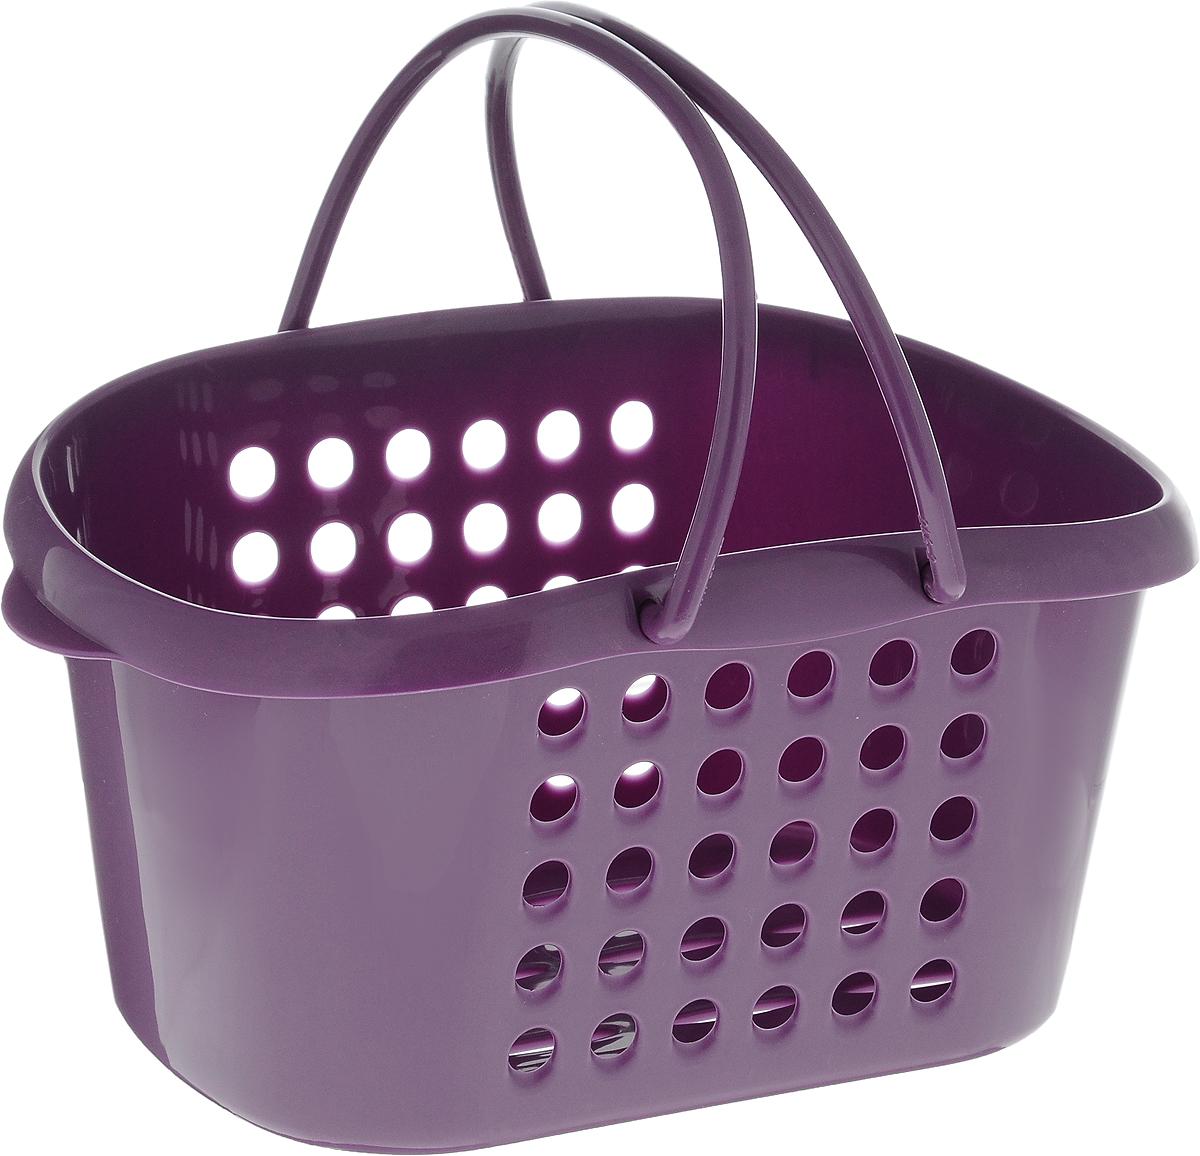 Корзинка универсальная Бытпласт, с ручками, цвет: фиолетовый, 23 х 17,5 х 11,5 см28907 4Универсальная корзинка Бытпласт изготовлена из высококачественного пластика и предназначена для хранения и транспортировки вещей. Корзинка подойдет как для пищевых продуктов, так и для ванных принадлежностей и различных мелочей. Изделие оснащено двумя ручками для более удобной транспортировки. Основание и стенки корзинки оформлены перфорацией. Универсальная корзинка Бытпласт позволит вам хранить вещи компактно и с удобством.